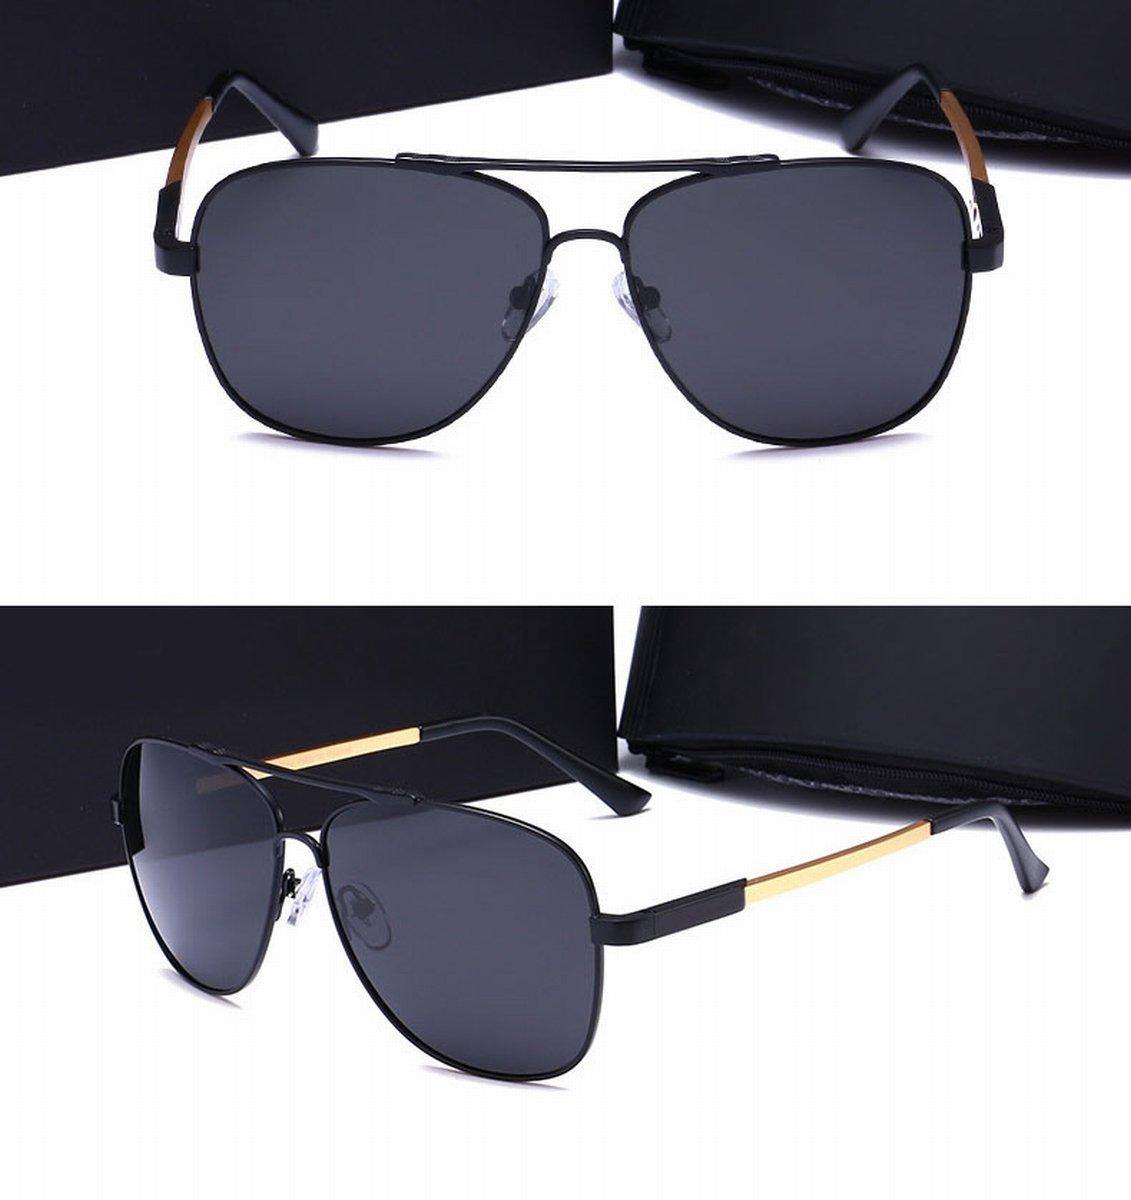 500a16171f Gafas de Sol Polarizadas para Hombre Gafas de Sol de Metal Alto Gafas de Sol  para